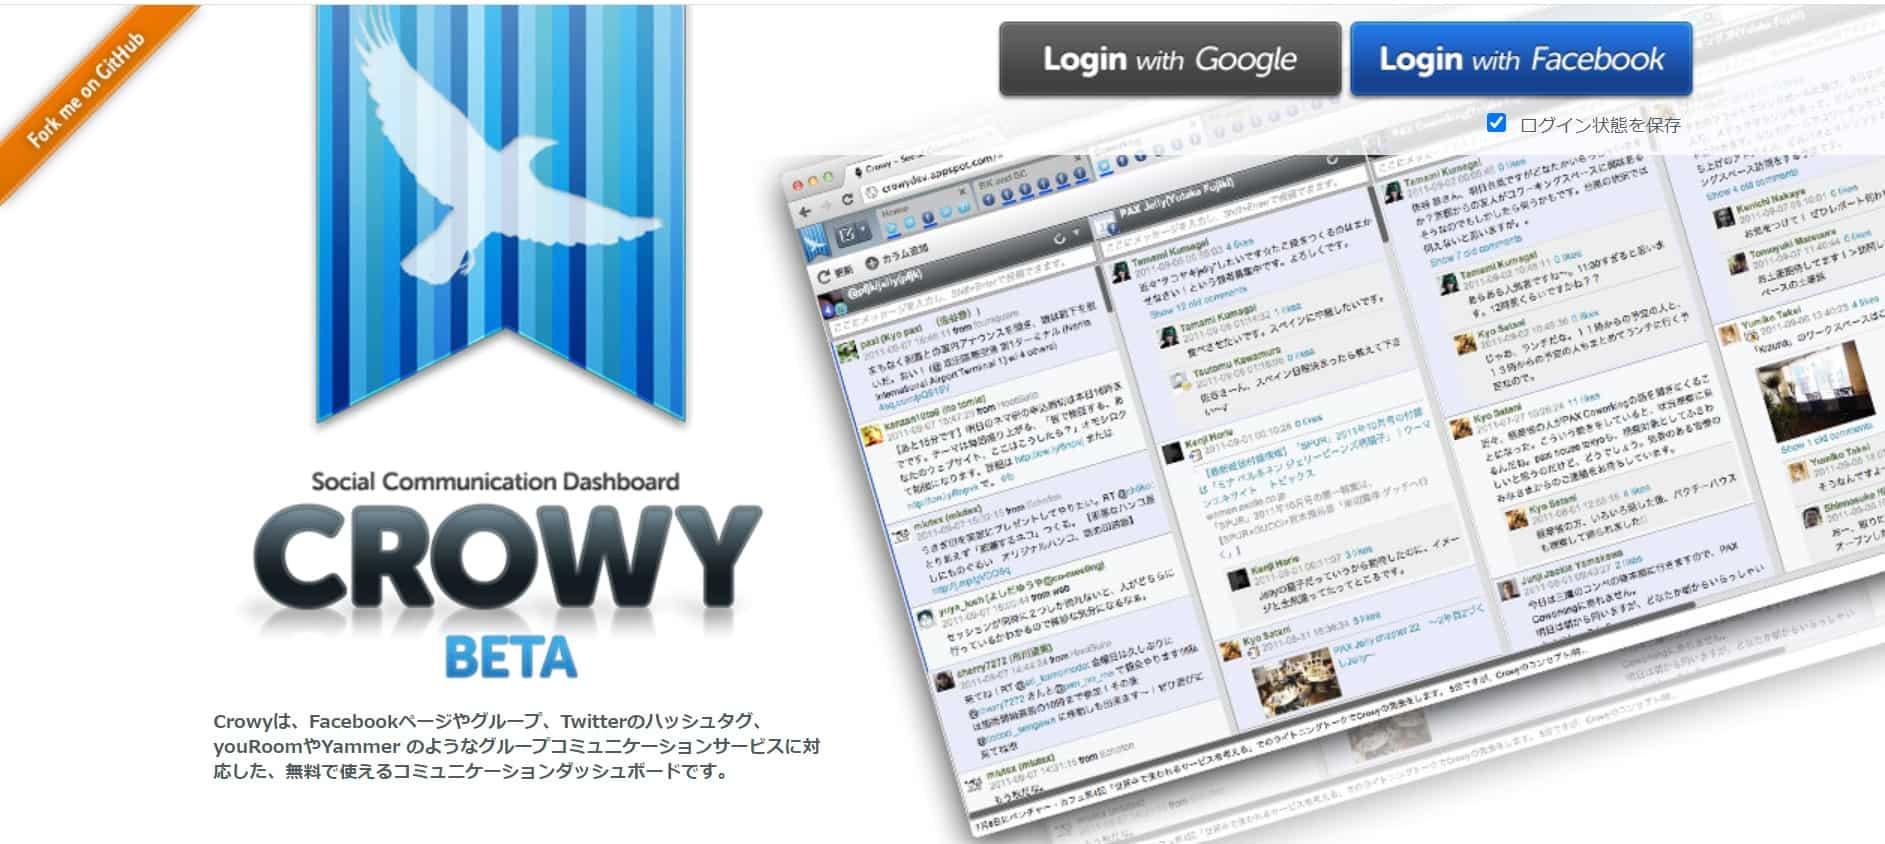 【Crowy】WEB上で利用できるSNS管理ツール